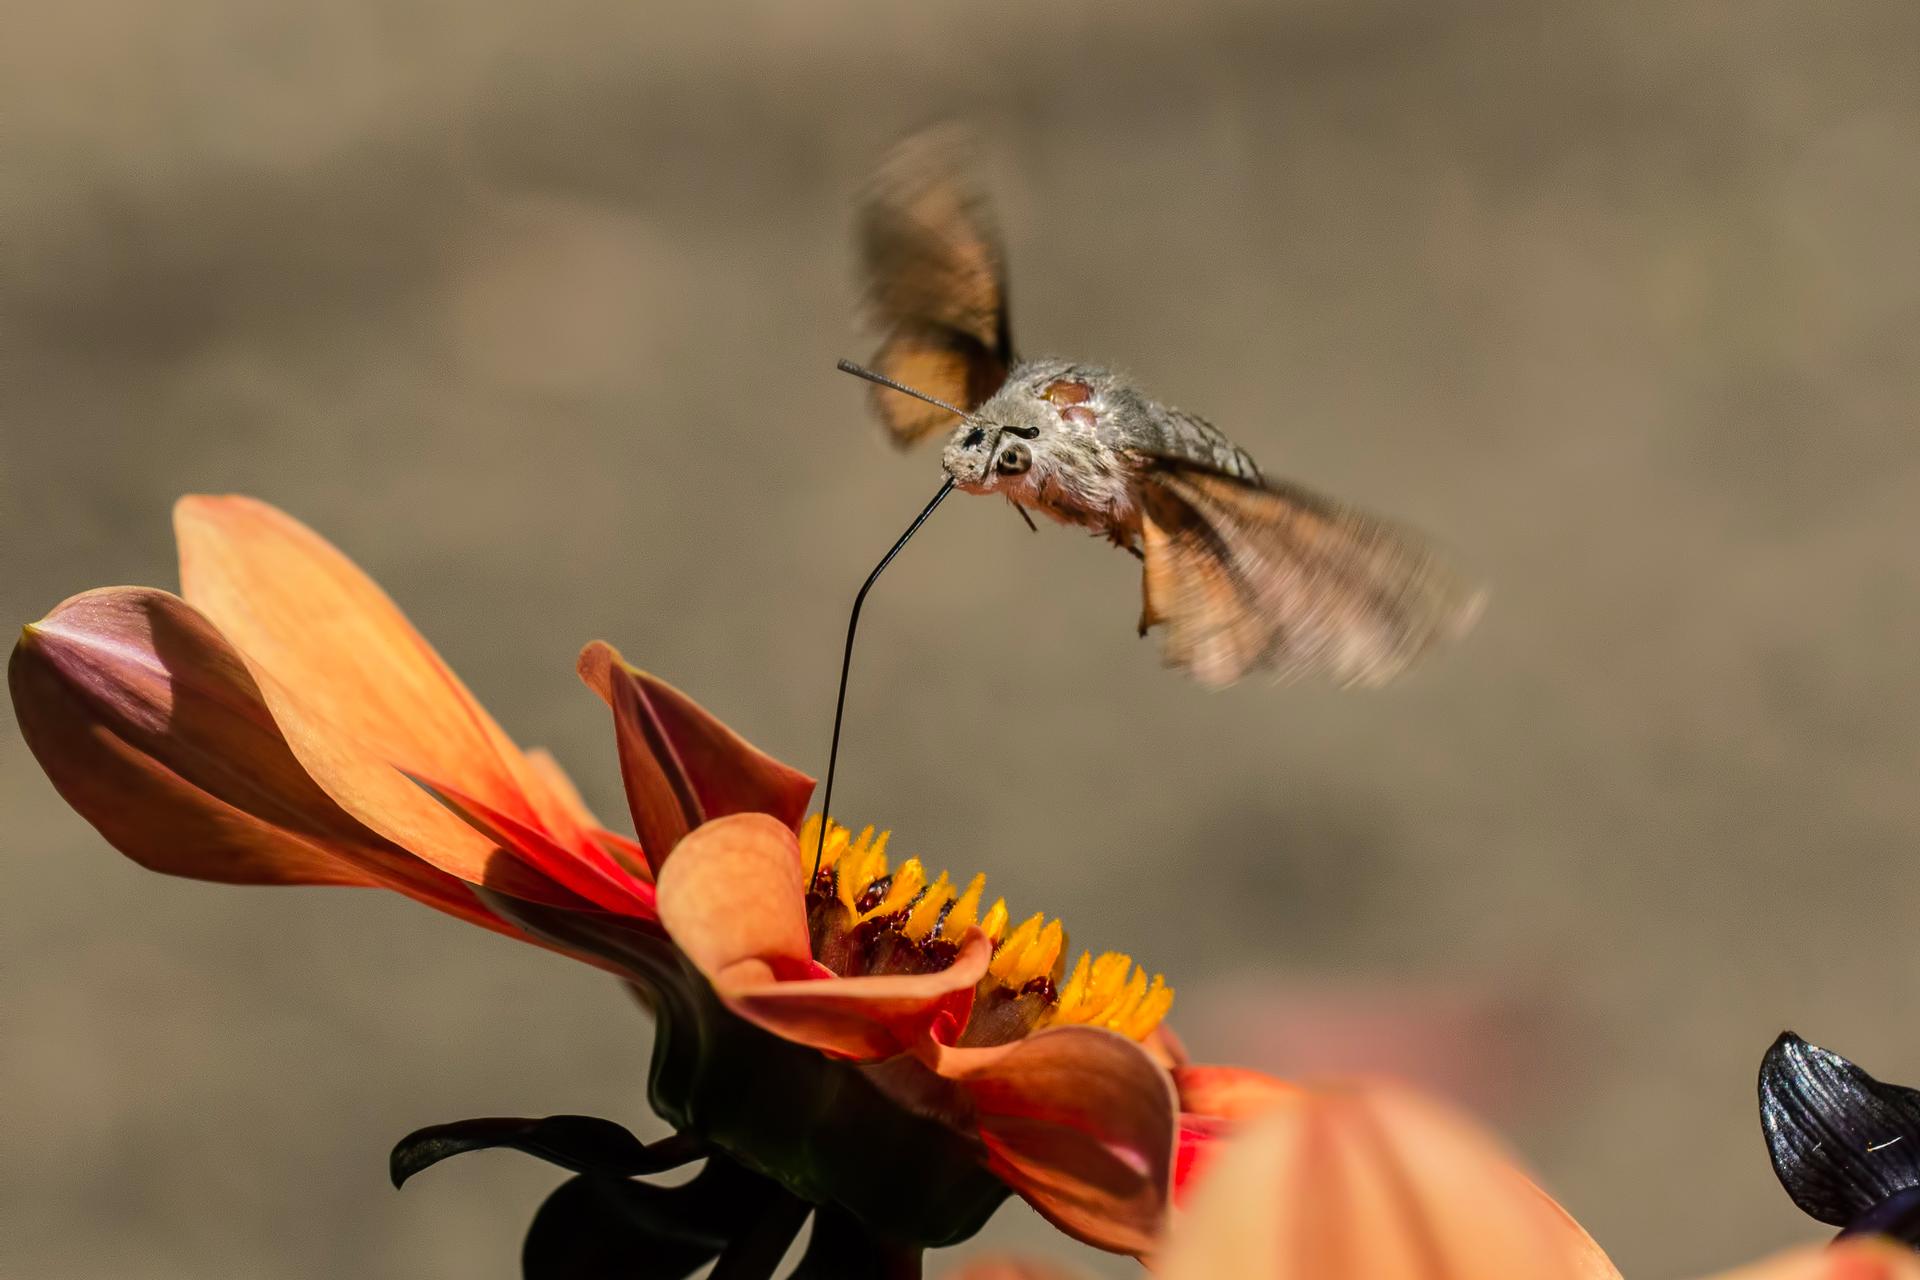 Fotografia przedstawia motyla zrozwiniętą trąbką, unoszącego sie nad kwiatem. Motyl wysysa nektar zpomarańczowego kwiatu.